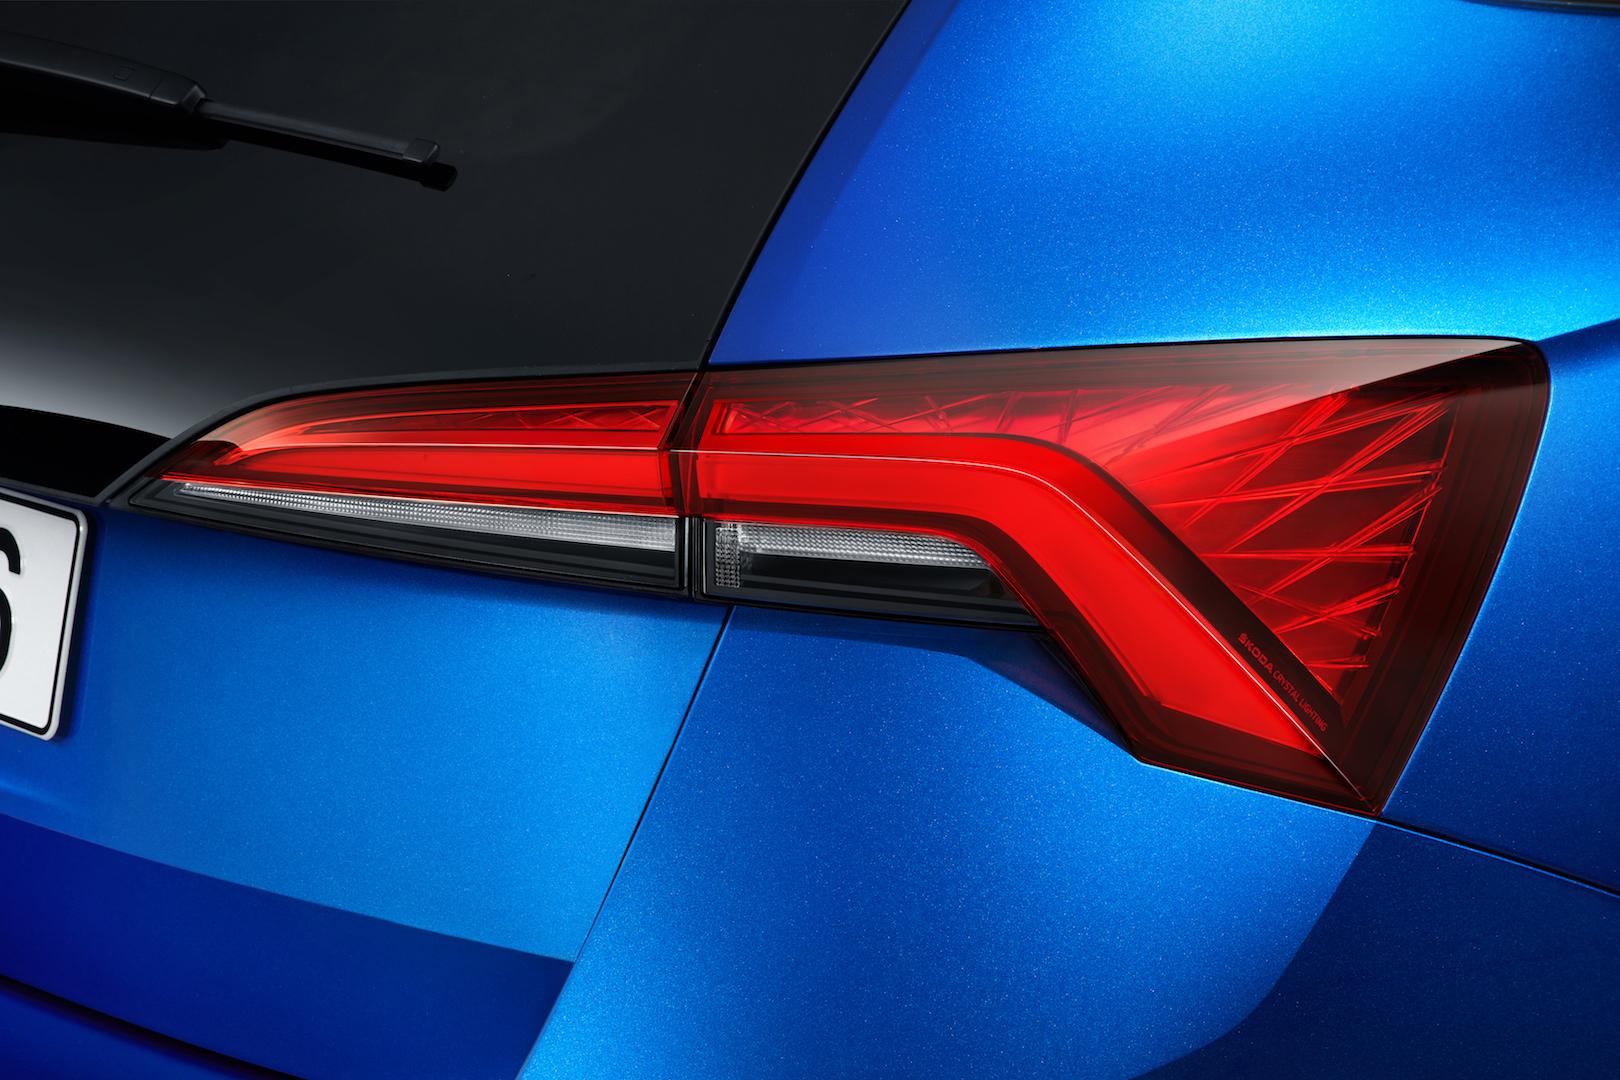 Als erstes Škoda-Modell verfügt der neue Kompakte über den dynamischen Blinker hinten.